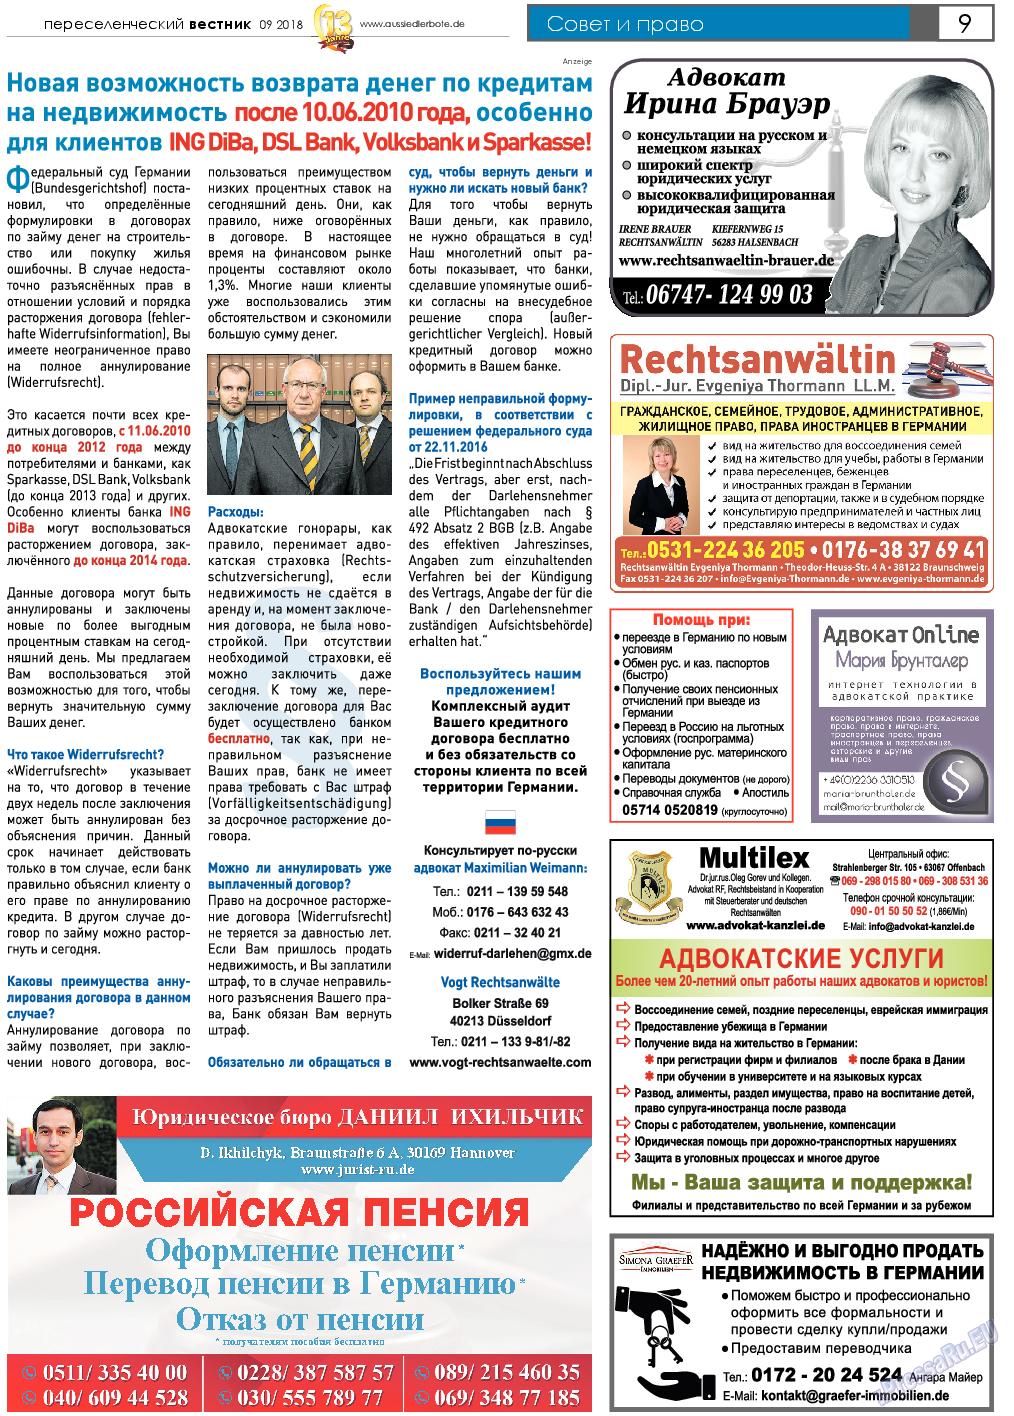 Переселенческий вестник (газета). 2018 год, номер 9, стр. 9